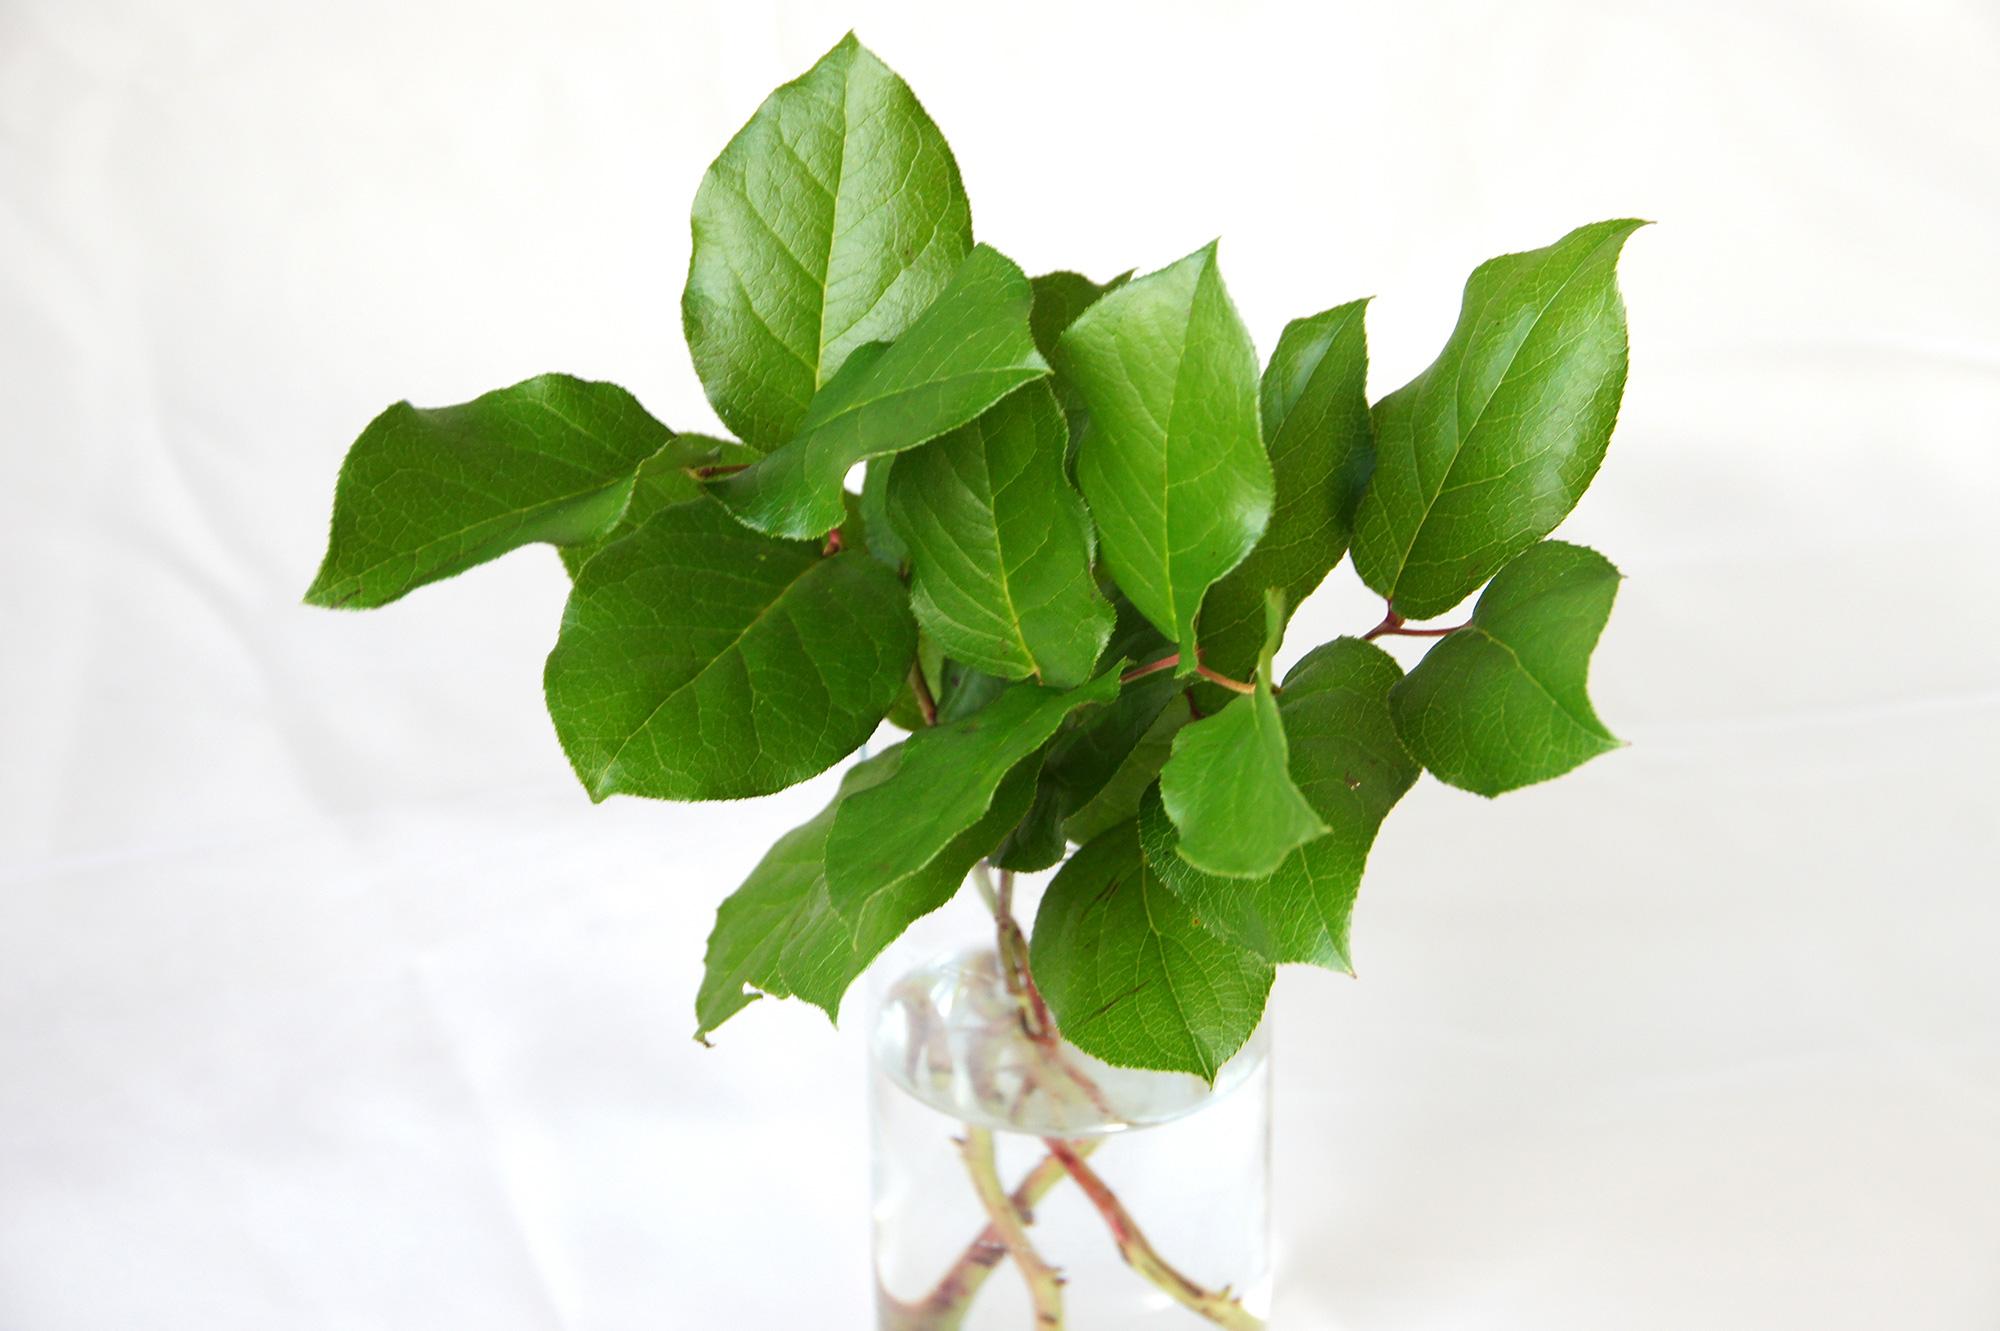 レモンリーフの葉っぱ